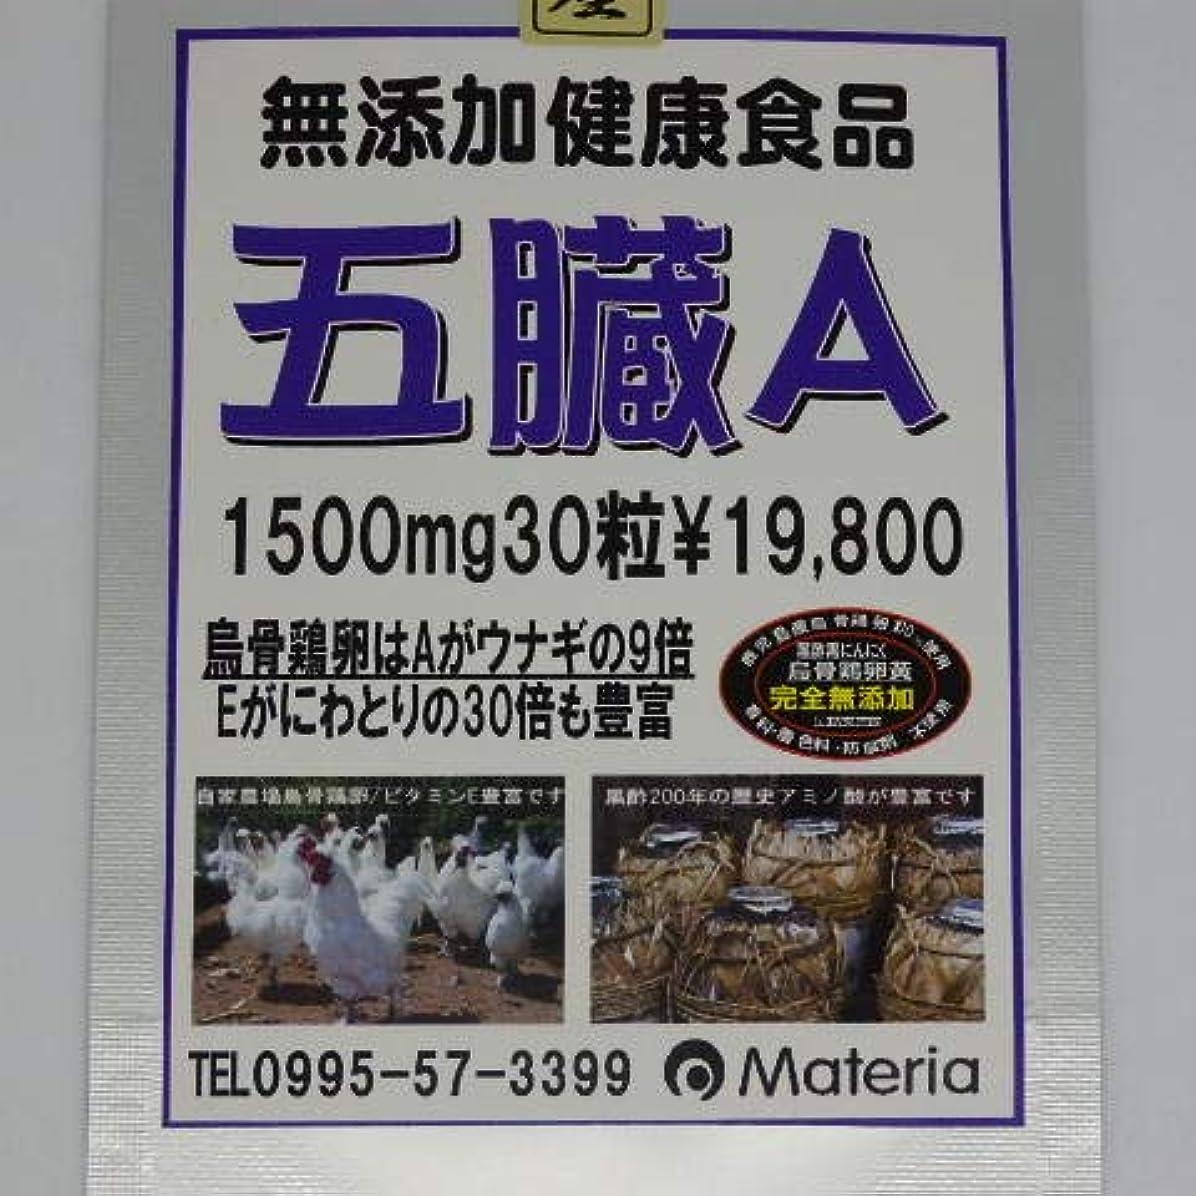 囲むストッキングポーチ無添加健康食品/黒酢黒にんにく烏骨鶏卵黄五臓六腑A大玉(1500mg×30粒)30日¥19,800